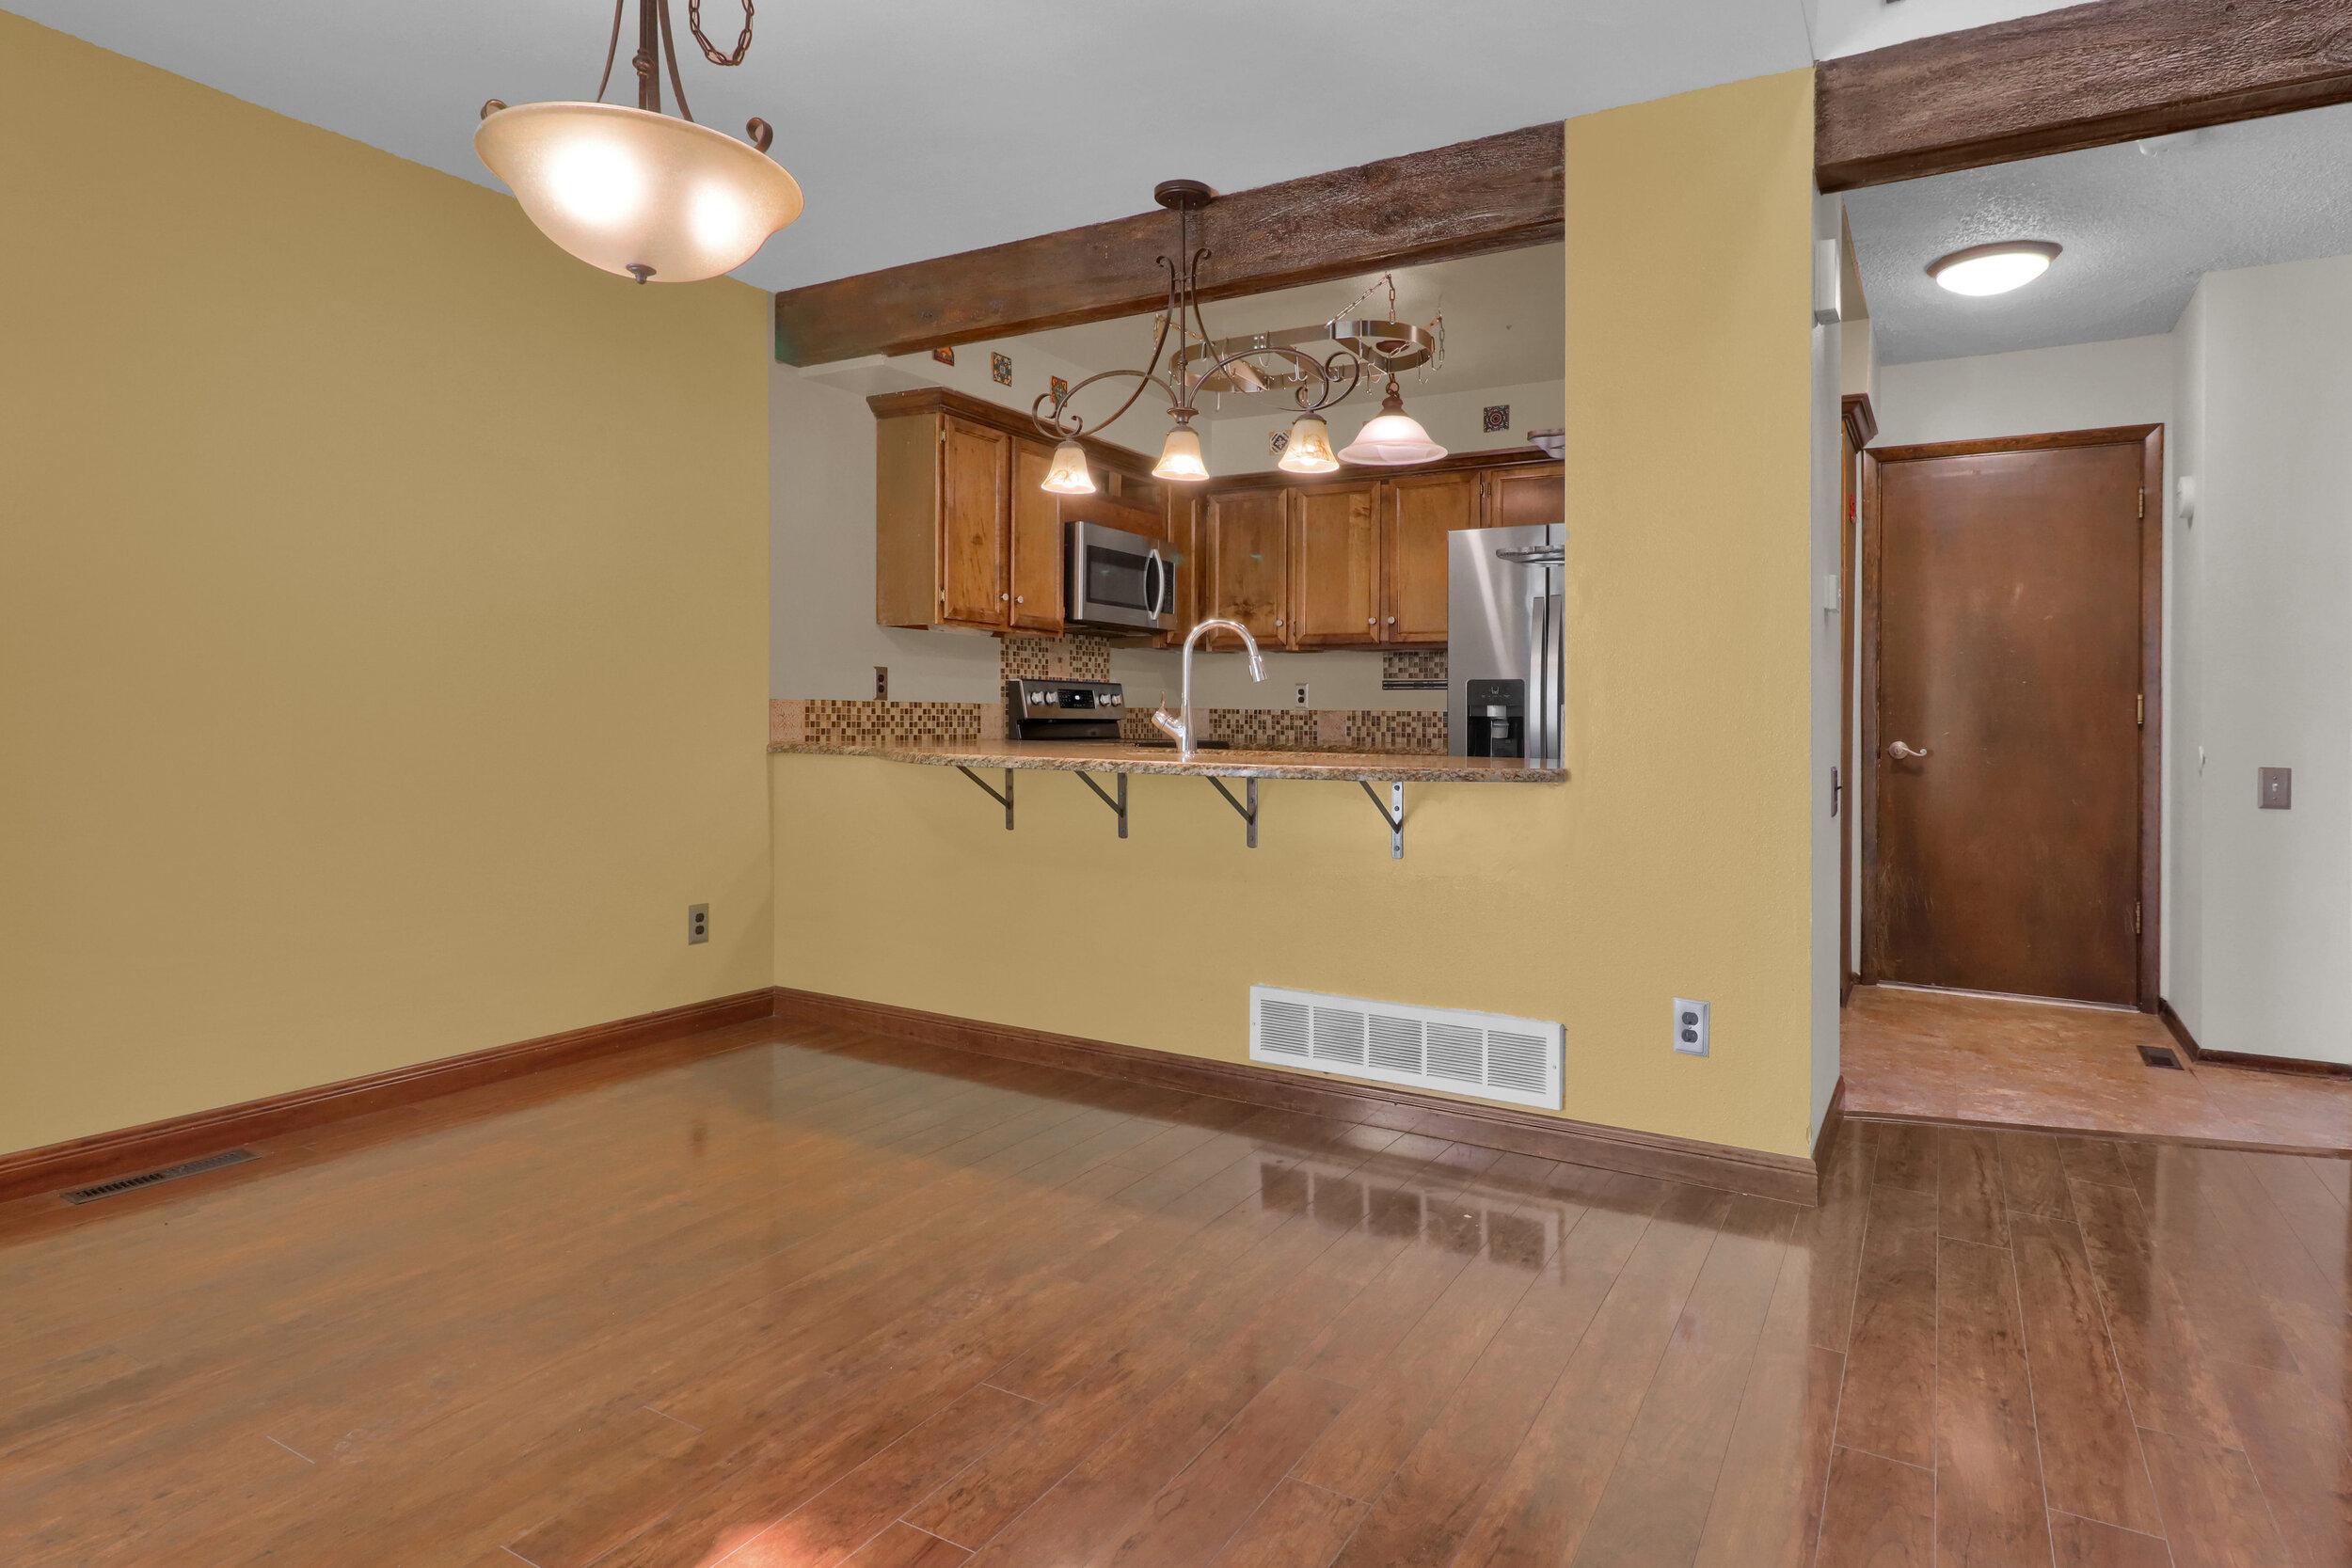 9970 Grove Street Unit B-print-005-003-Dining Room-4200x2801-300dpi.jpg